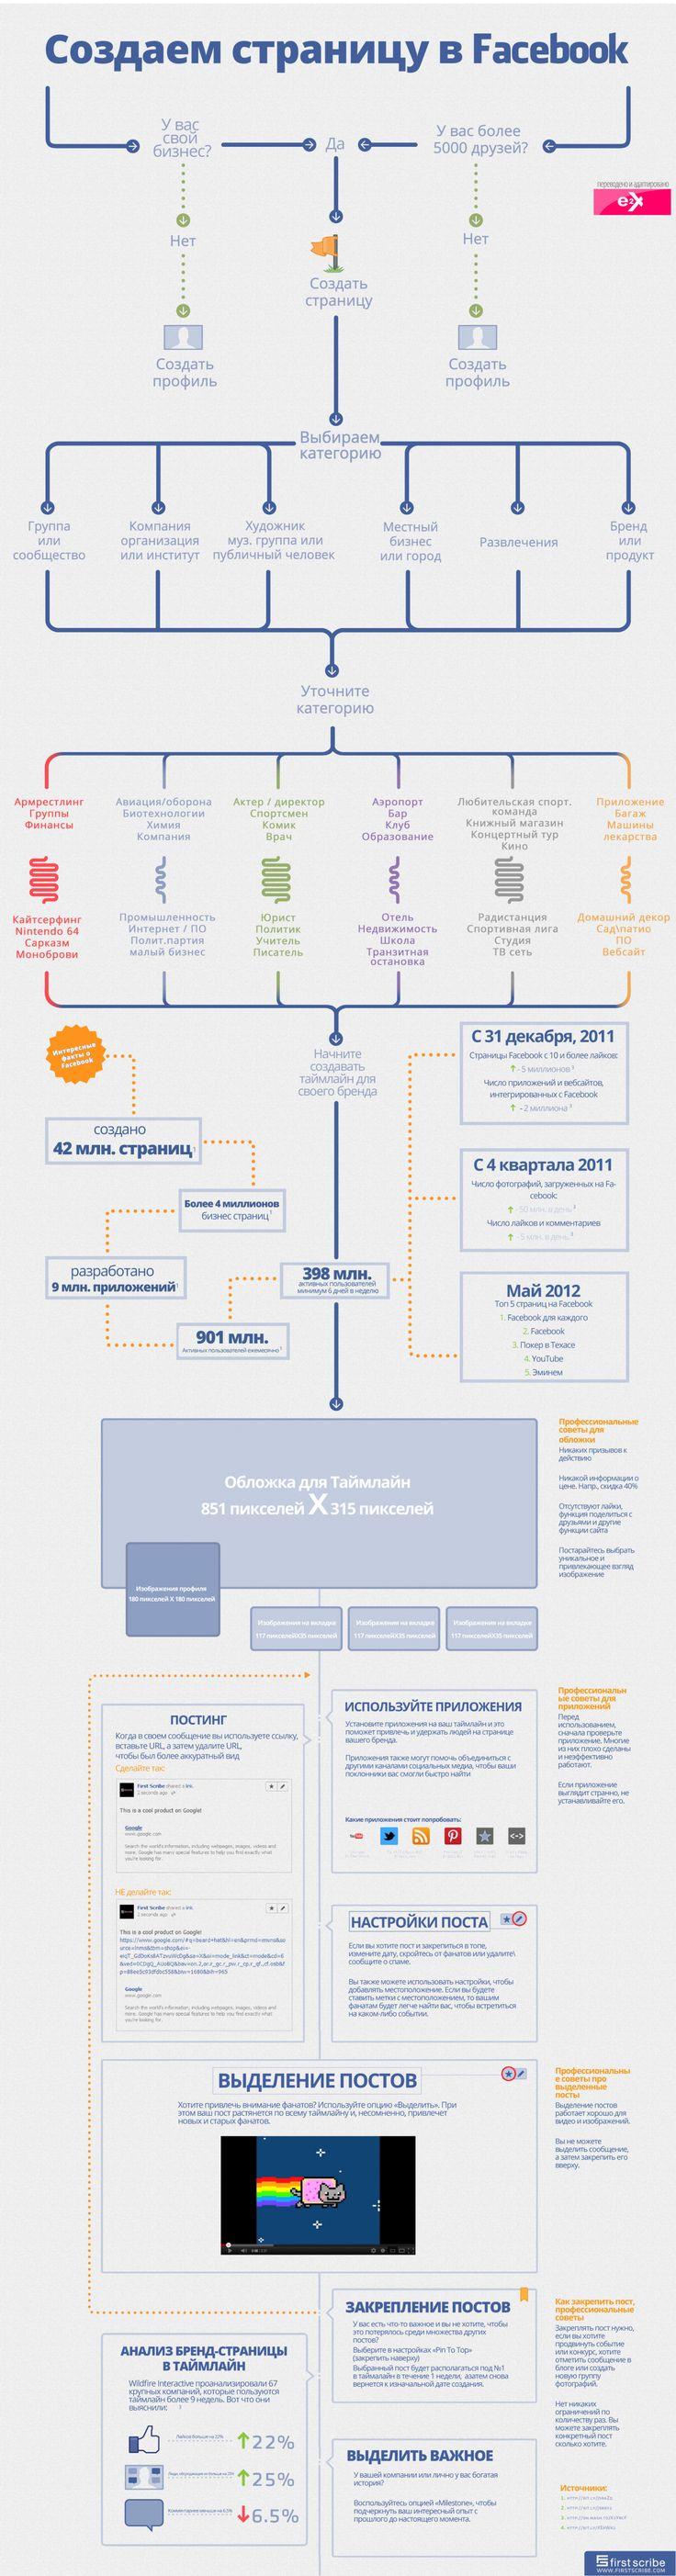 Инфографика для начинающих social media специалистов и просто желающих создать сообщество в самой популярной социальной сети мира: пошаговая инструкция по созданию страницы в Facebook.